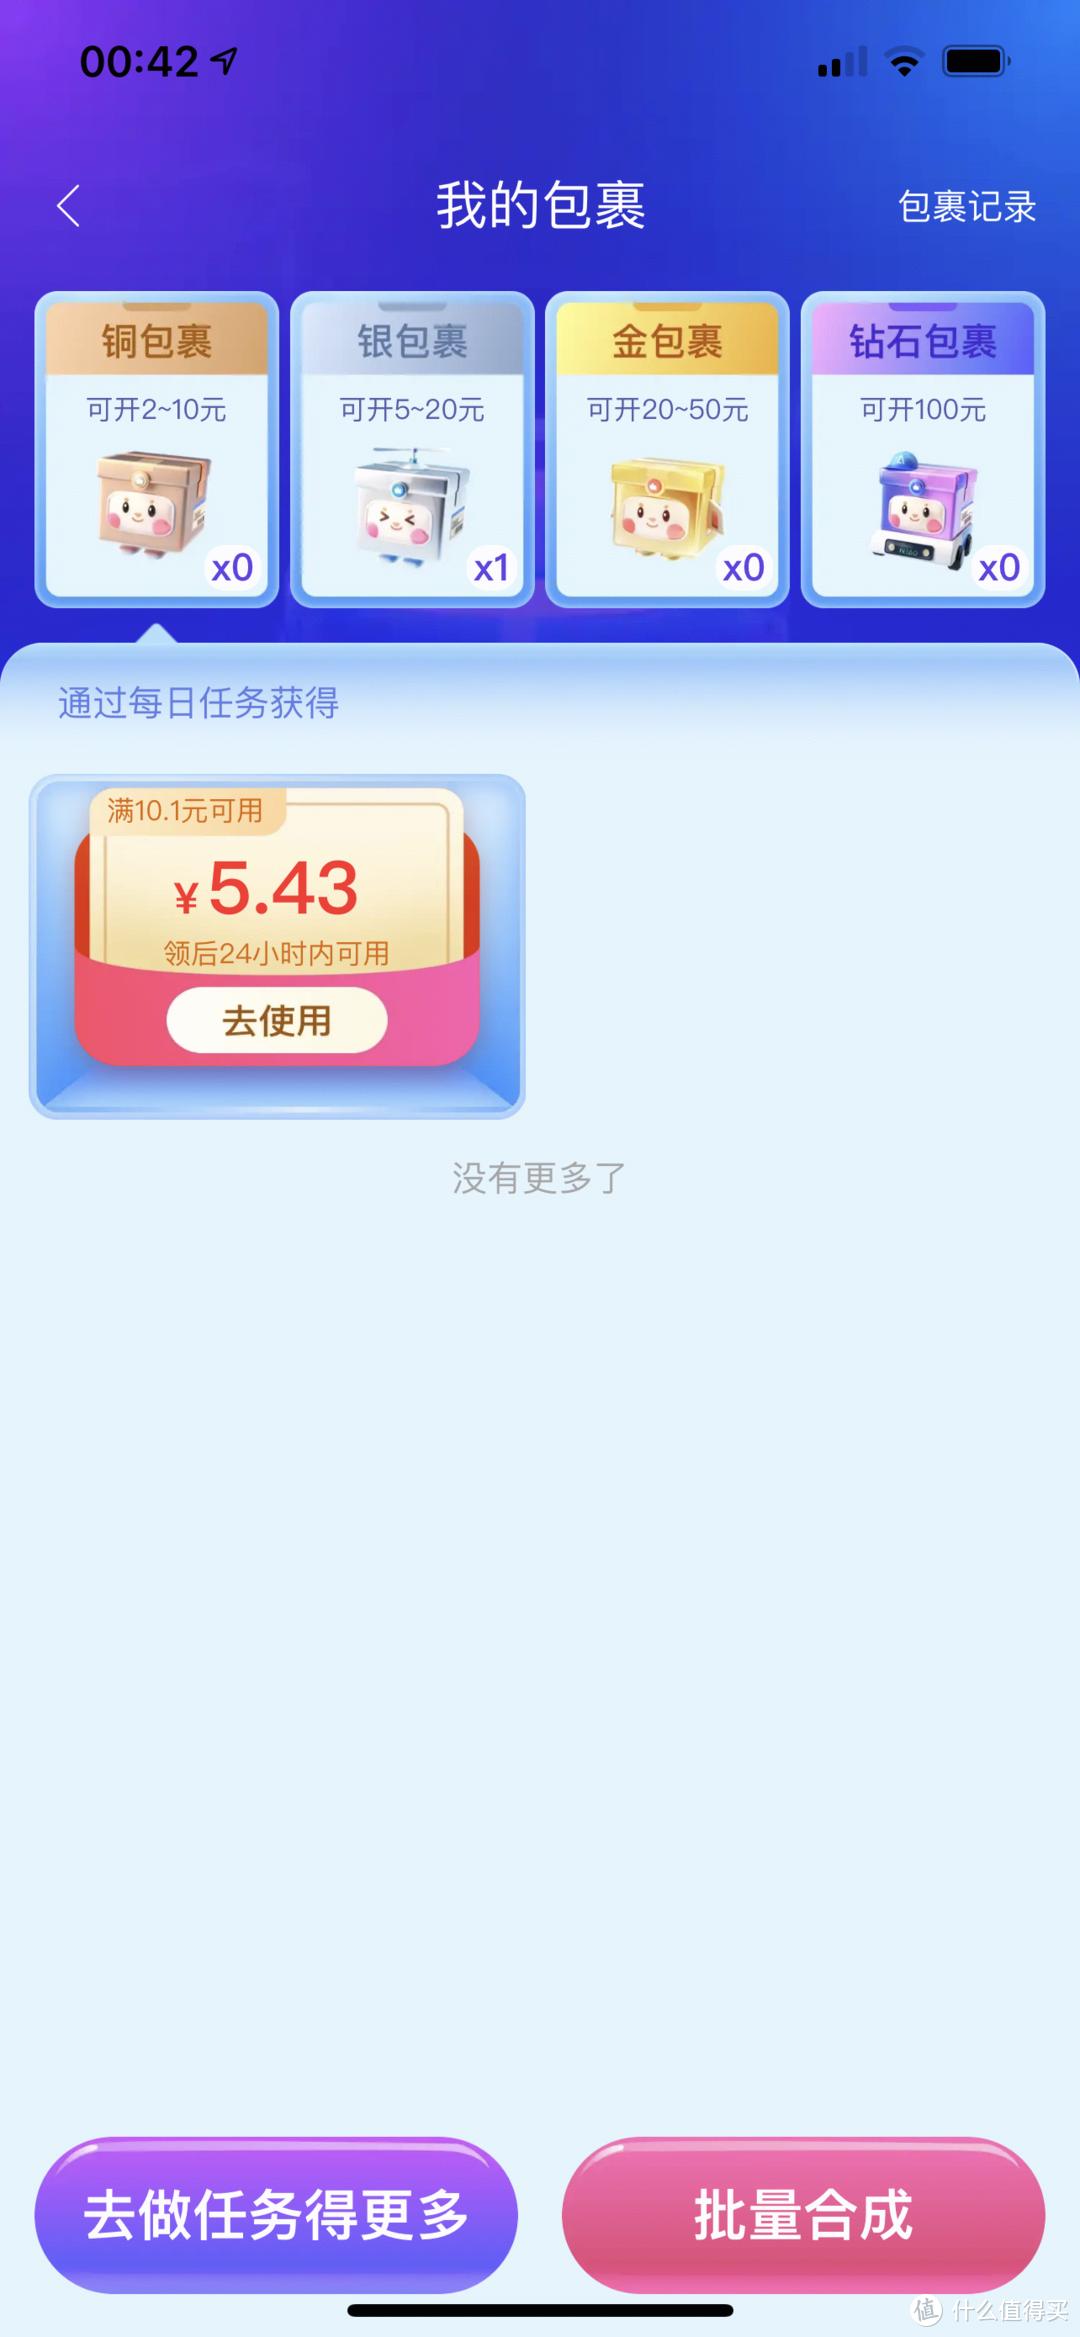 菜鸟×淘宝免费送的零元单购买方案——今年618应该关注的低单价产品最大折扣力度做法